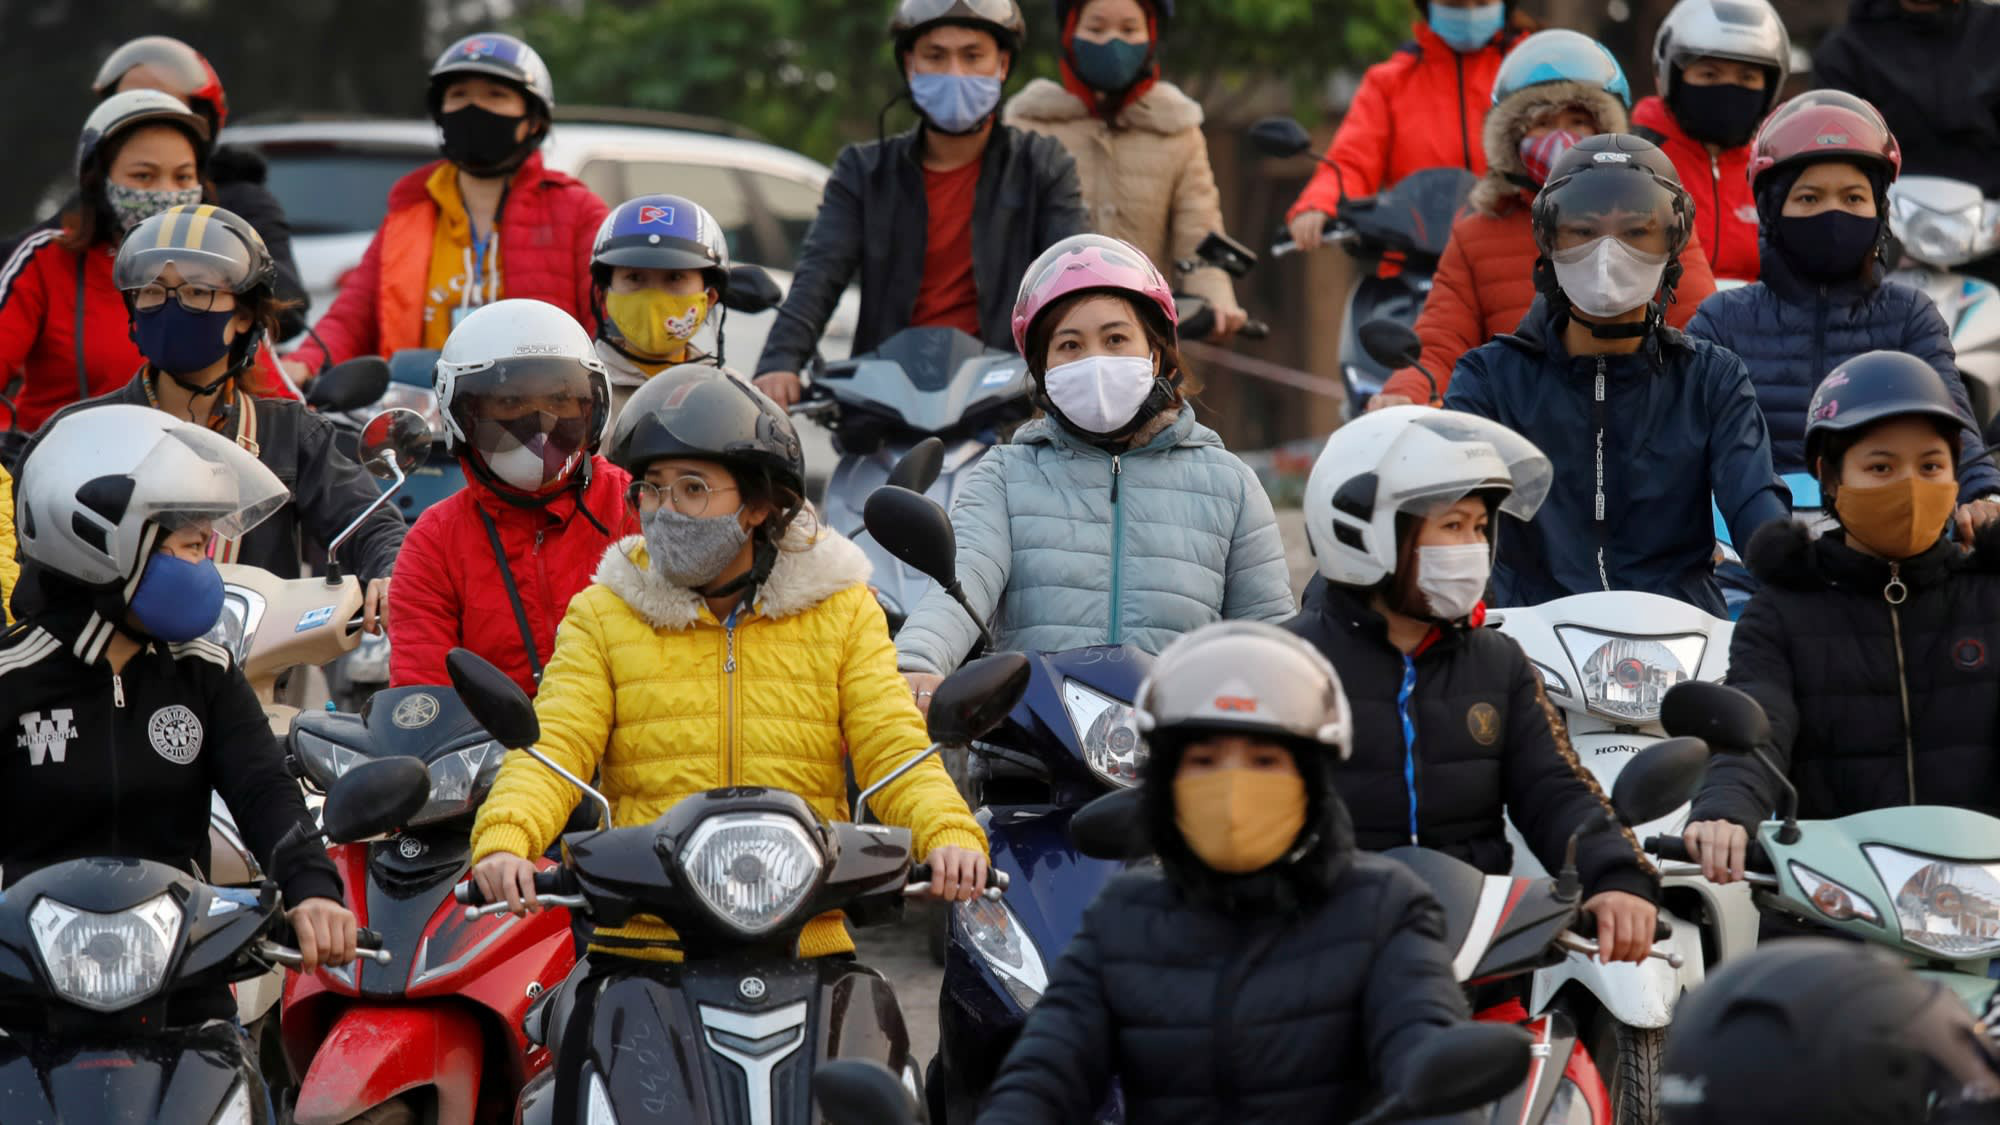 """Kinh tế Việt Nam 2020: Từ doanh nghiệp """"ăn đong từng tuần"""", đến điểm sáng giữa đại dịch COVID-19 - Ảnh 8."""